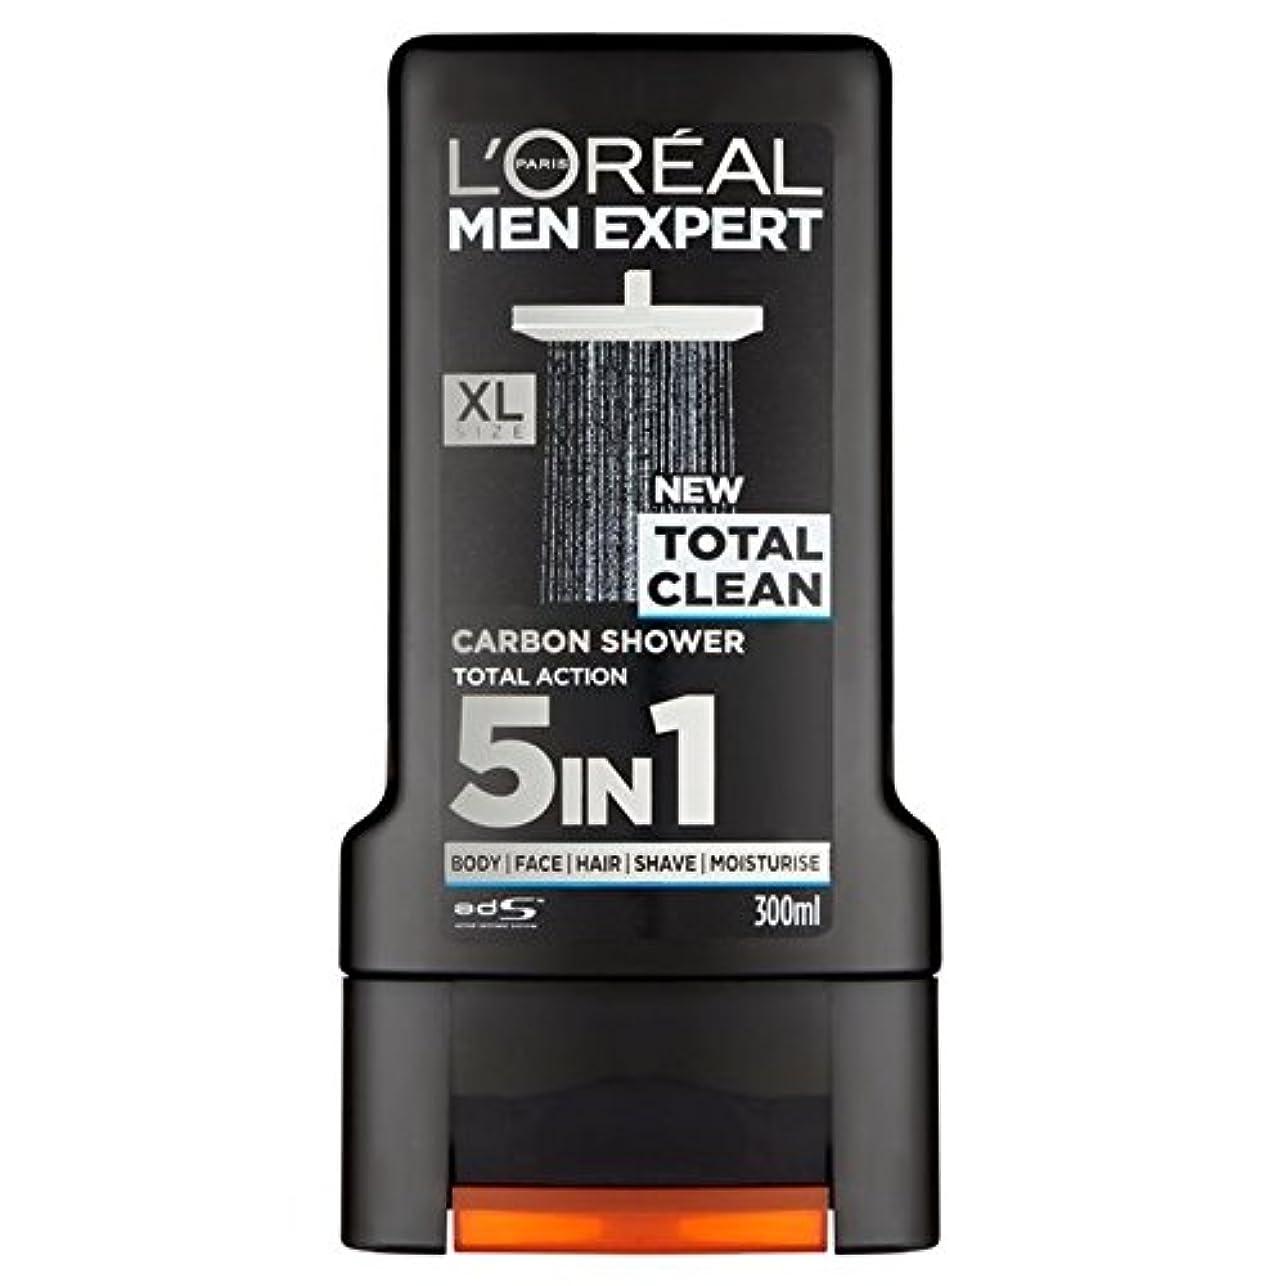 運搬リラックスすぐにロレアルパリのメンズ専門トータルクリーンシャワージェル300ミリリットル x4 - L'Oreal Paris Men Expert Total Clean Shower Gel 300ml (Pack of 4) [並行輸入品]